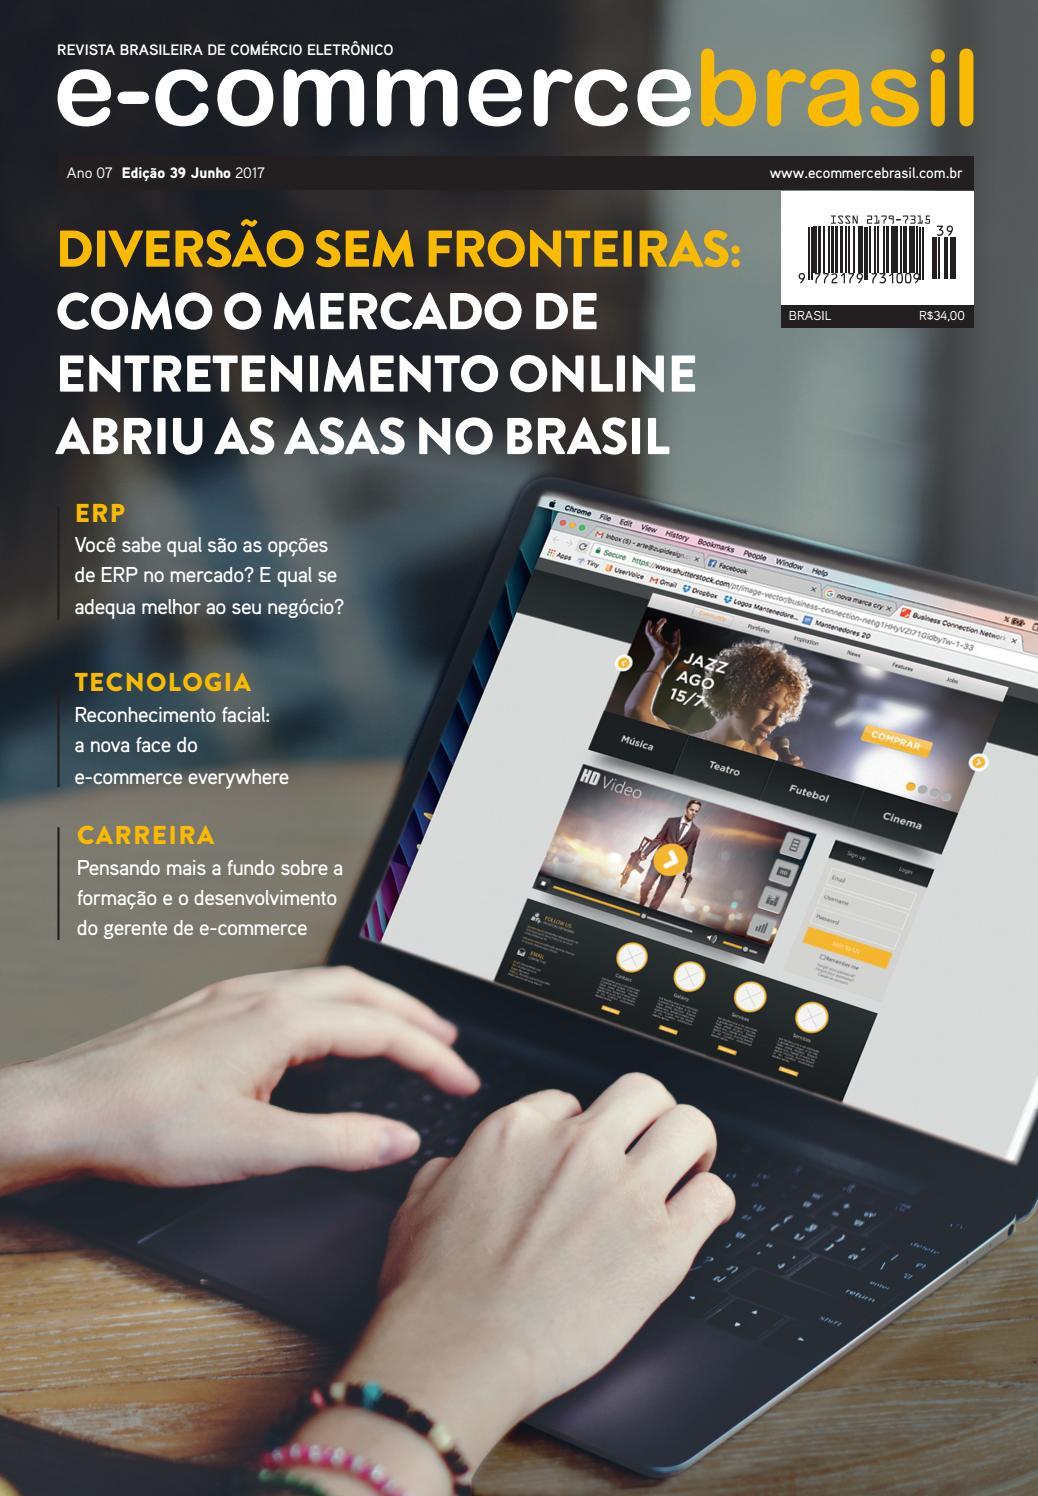 a1e9718fd Diversão sem fronteiras  como o mercado de entretenimento online abriu as  asas no Brasil by E-Commerce Brasil - issuu